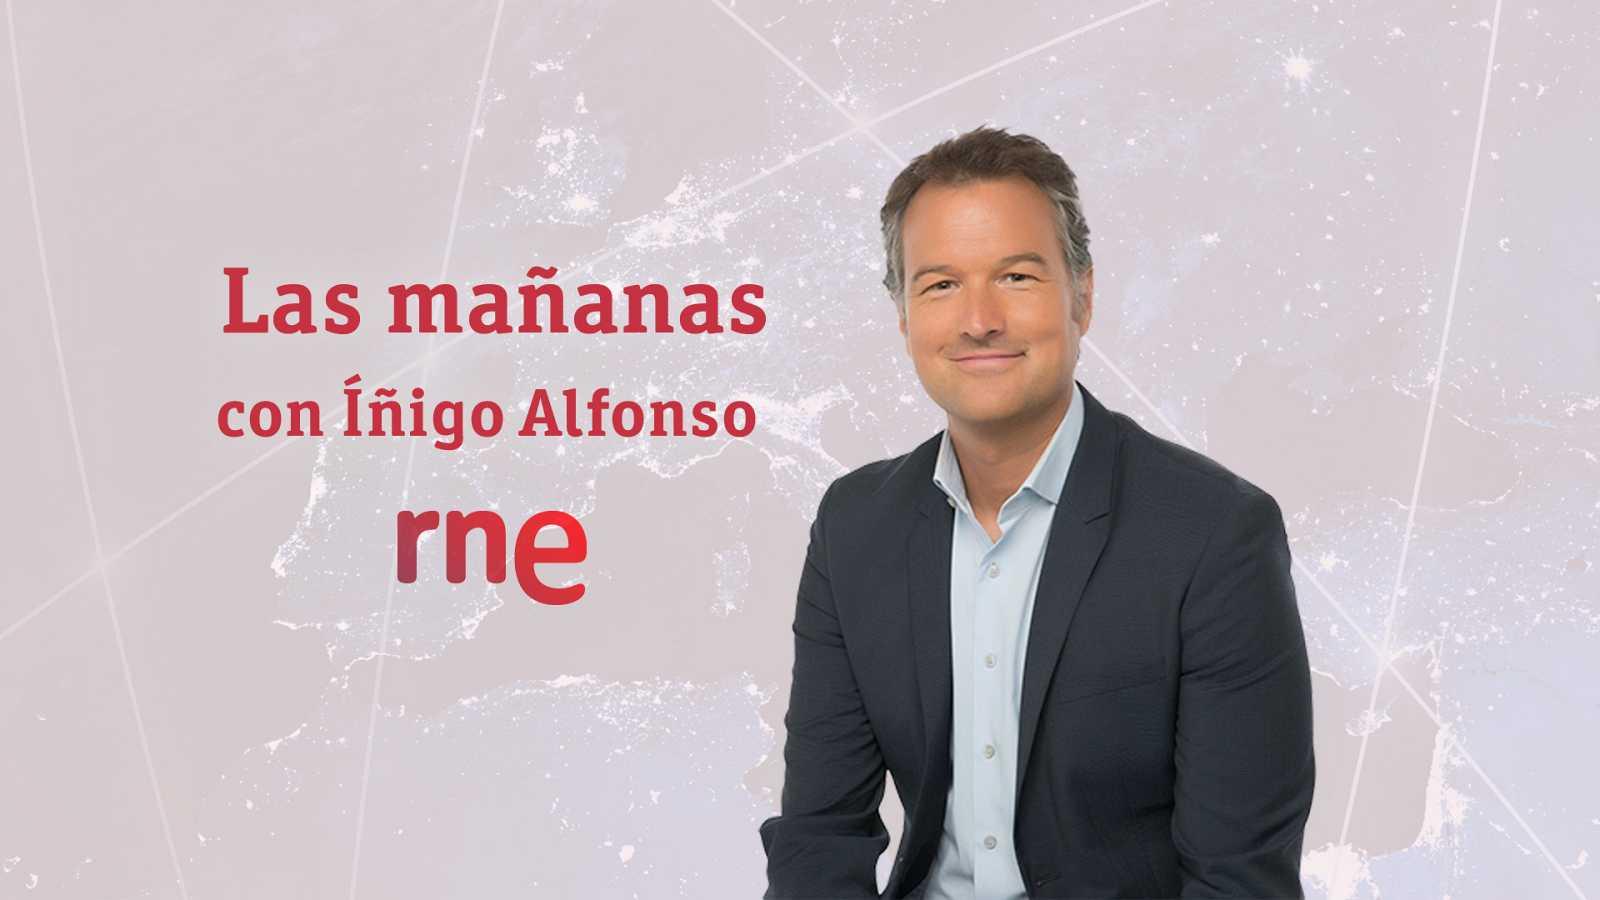 Las mañanas de RNE con Íñigo Alfonso - Primera hora - 10/07/20 - Escuchar ahora